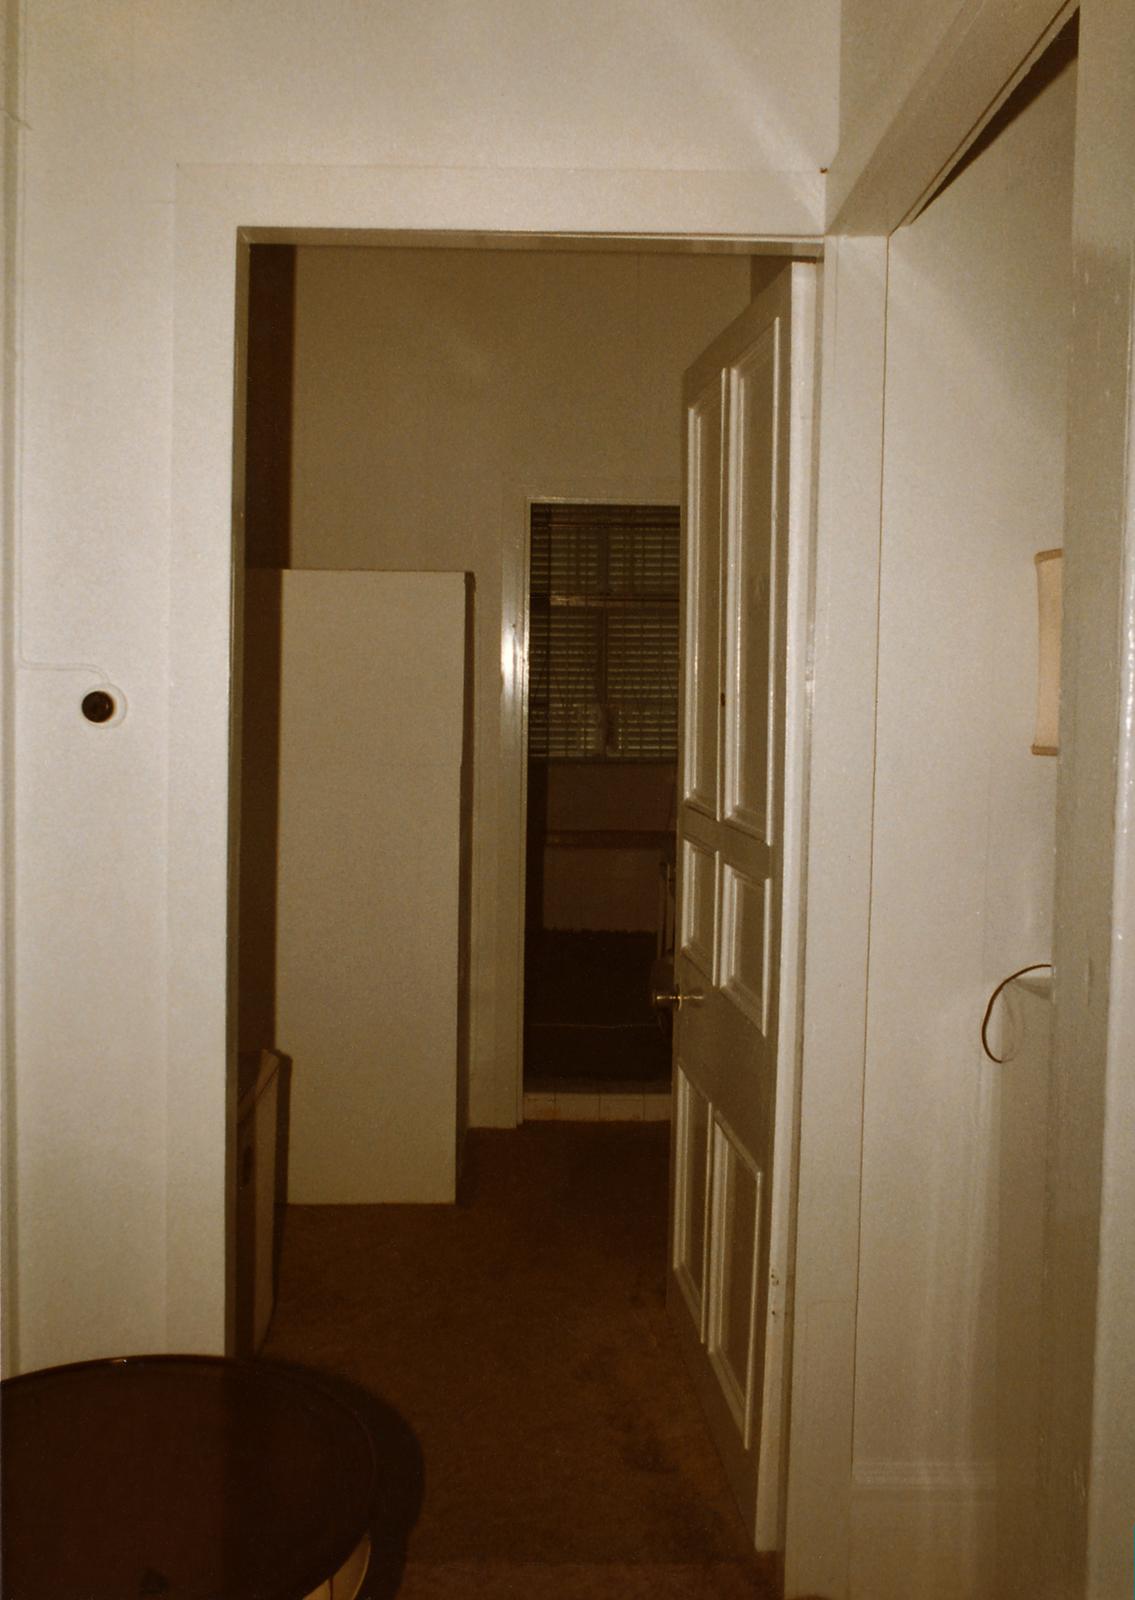 Georgetown - Annex Office Building - 1984